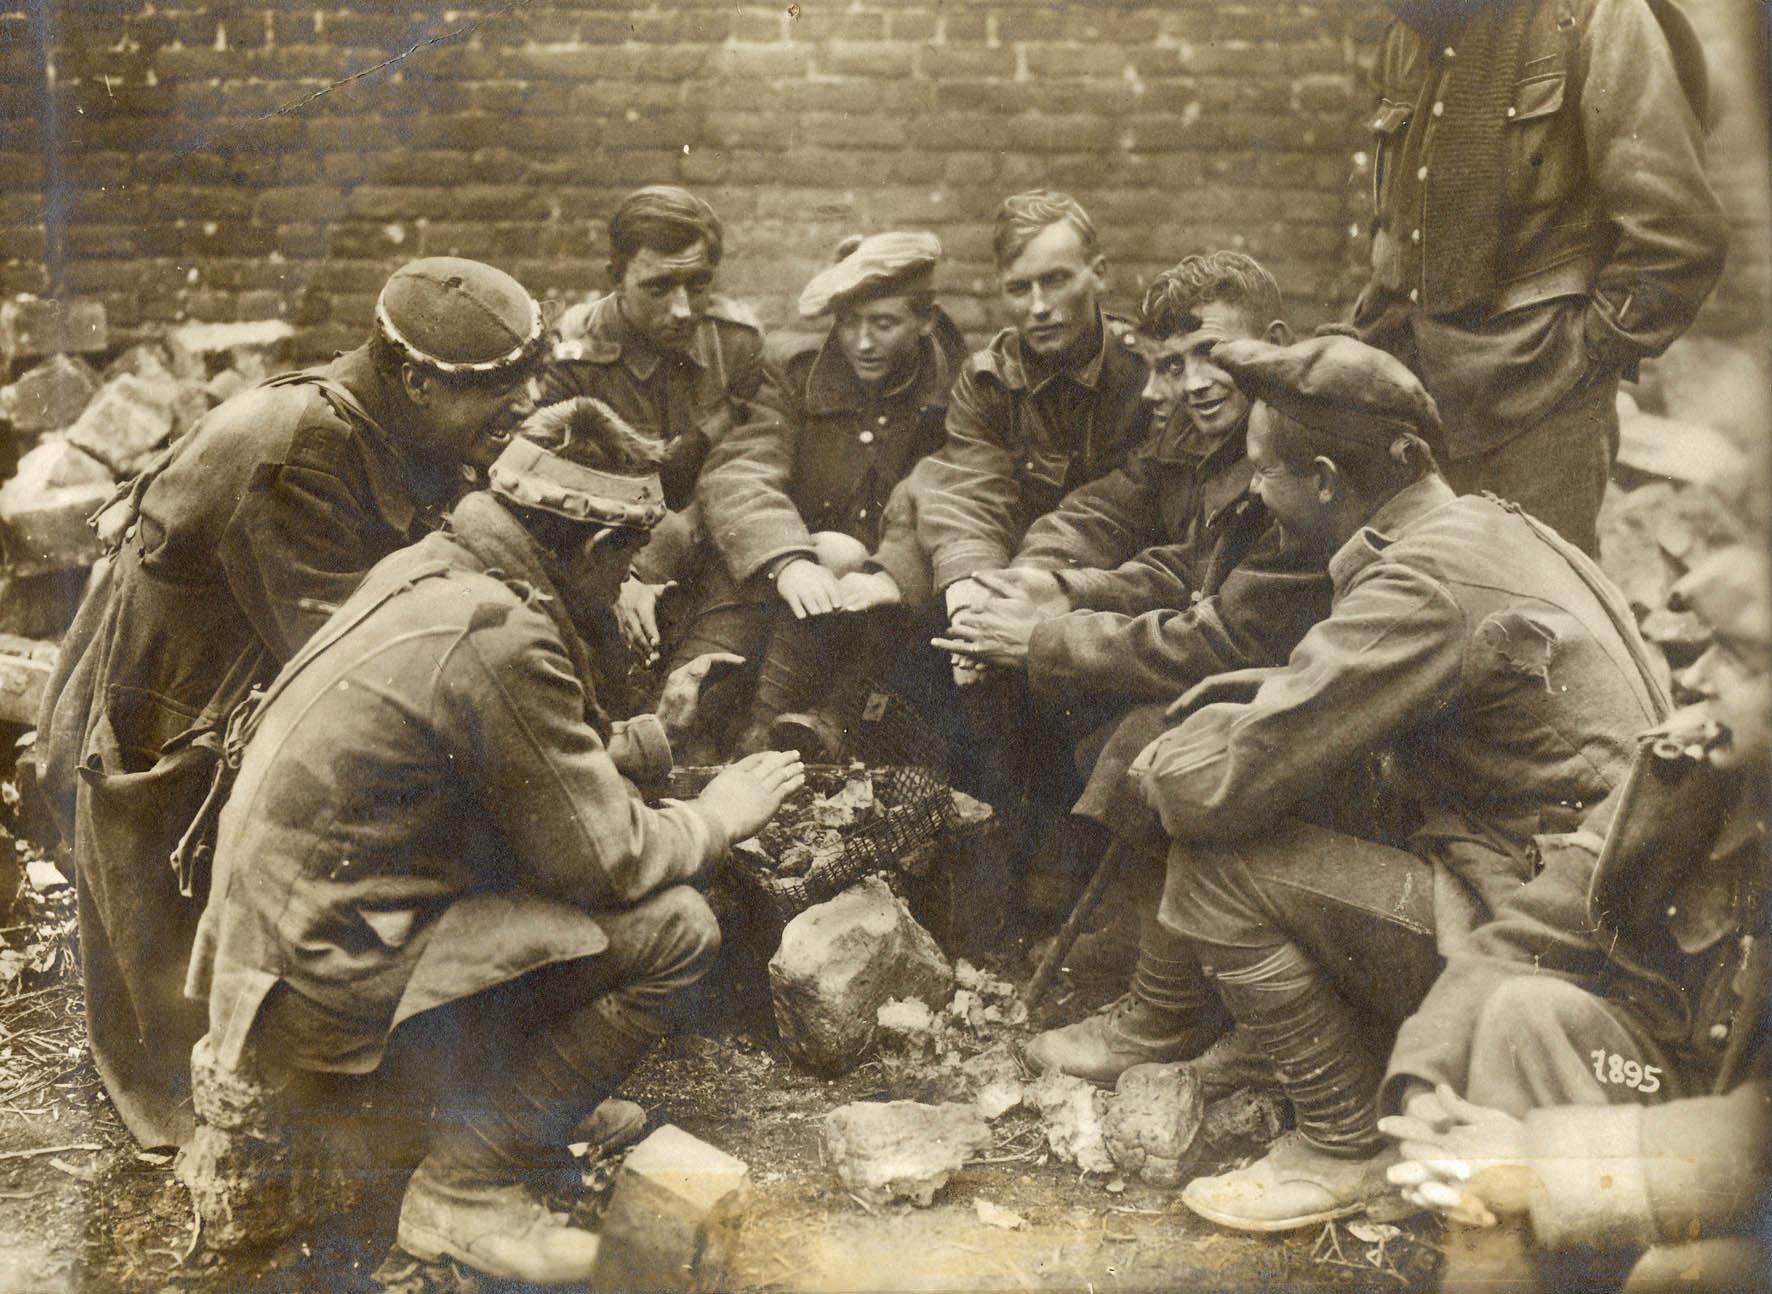 12. april 1917. Th. Lorenzen ved Arras: De første engelske fanger